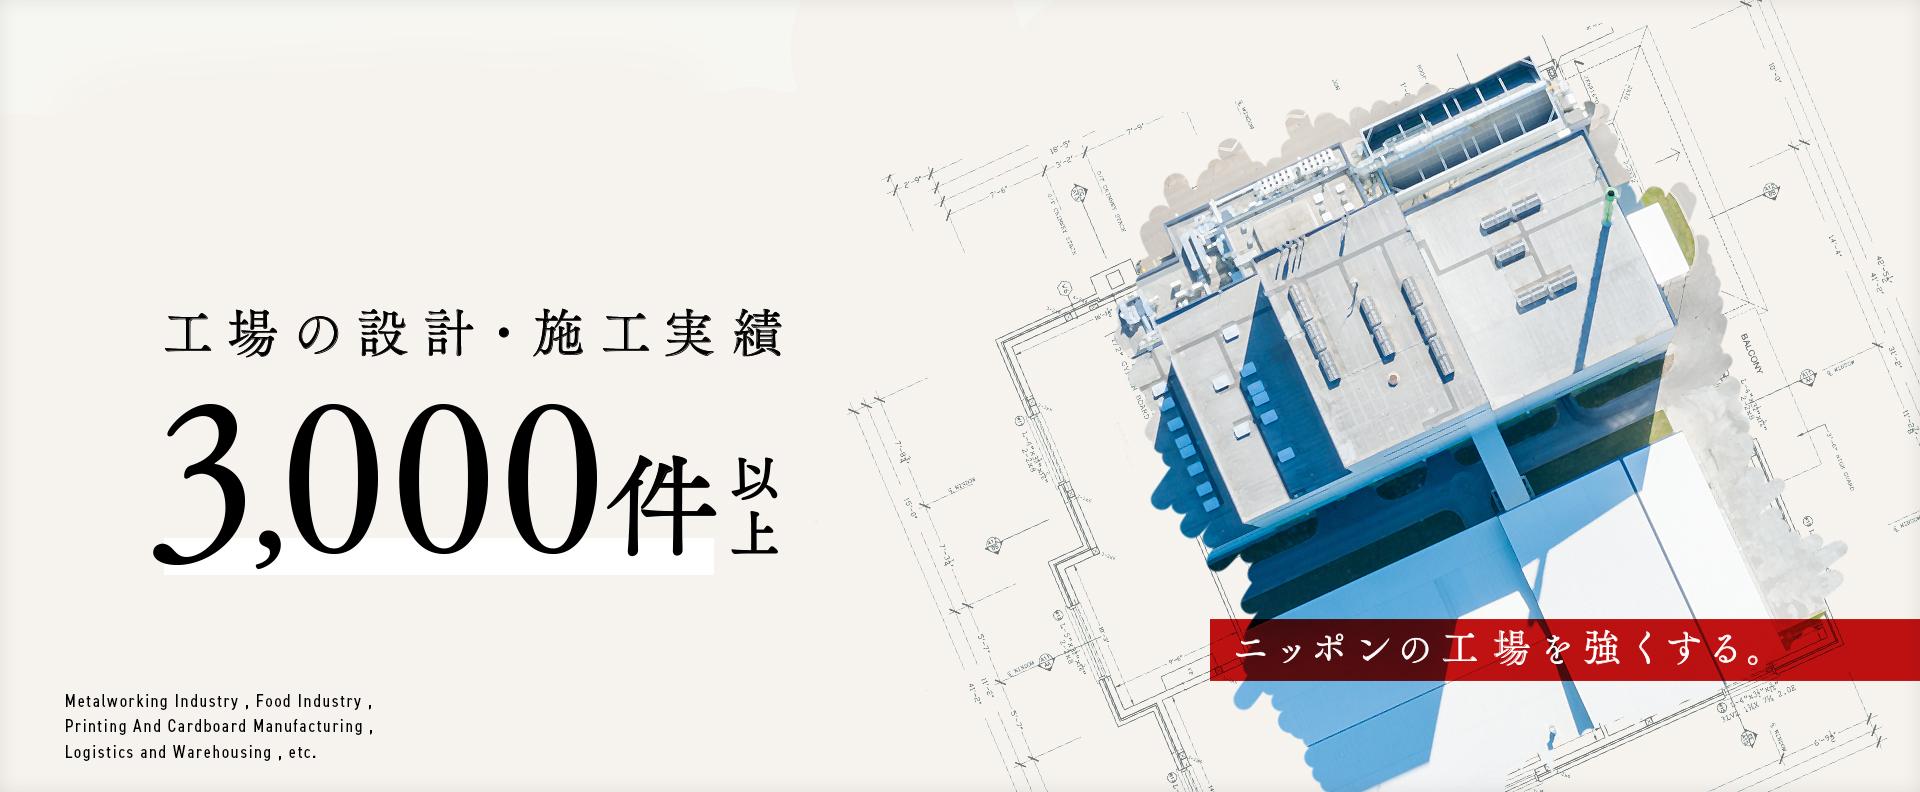 工場の設計・施工実績 3,000件以上